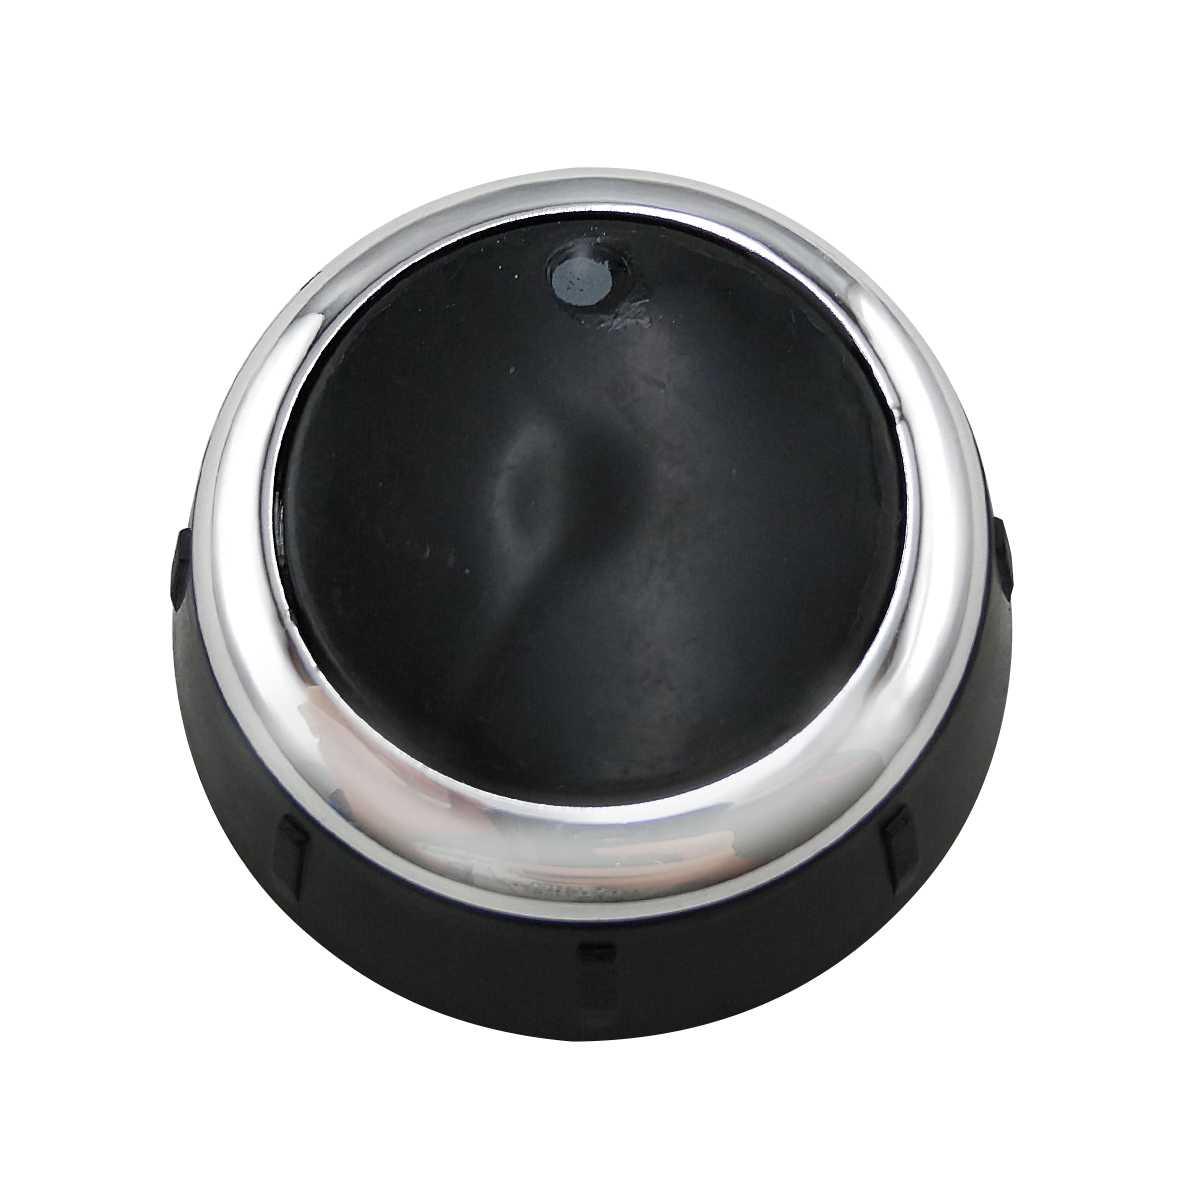 Botão tanquinho Colormarc LCM6.4, LCM9.0, GOLD, STYLE